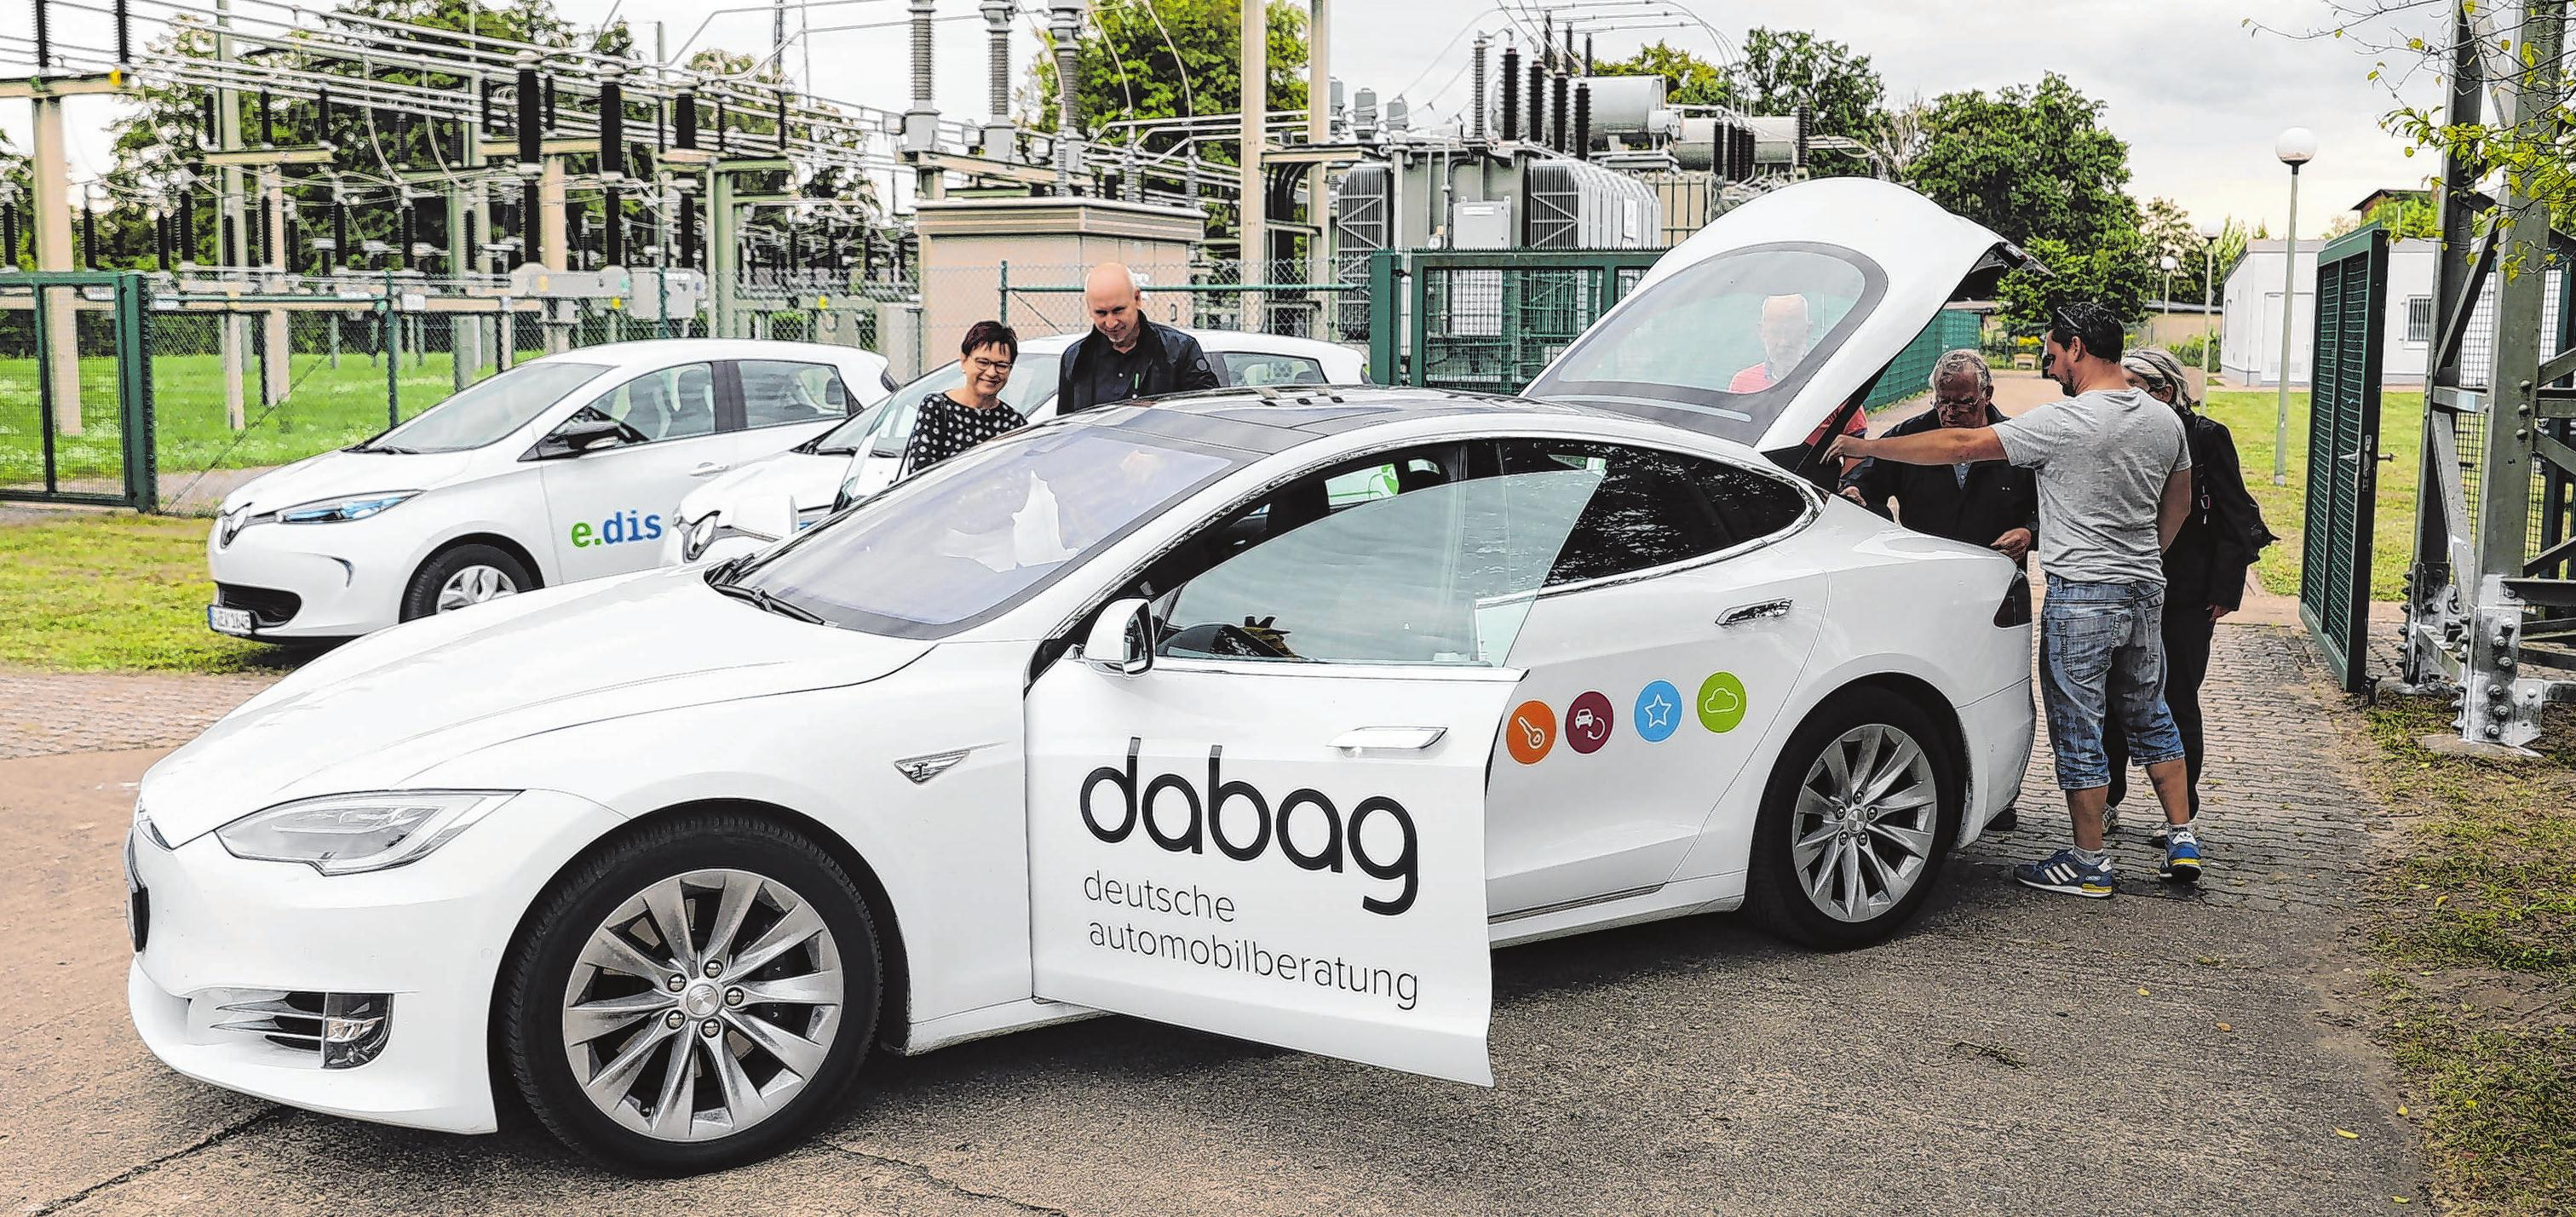 """Elektrofahrzeuge und Hybride sind auch bei der Autoschau am 8. September Thema. Am """"Tages der offenen Anlage"""" bei der e.dis Netz GmbH konnten kürzlich Besucher Elektrofahrzeuge testen Symbolfoto: Weber"""